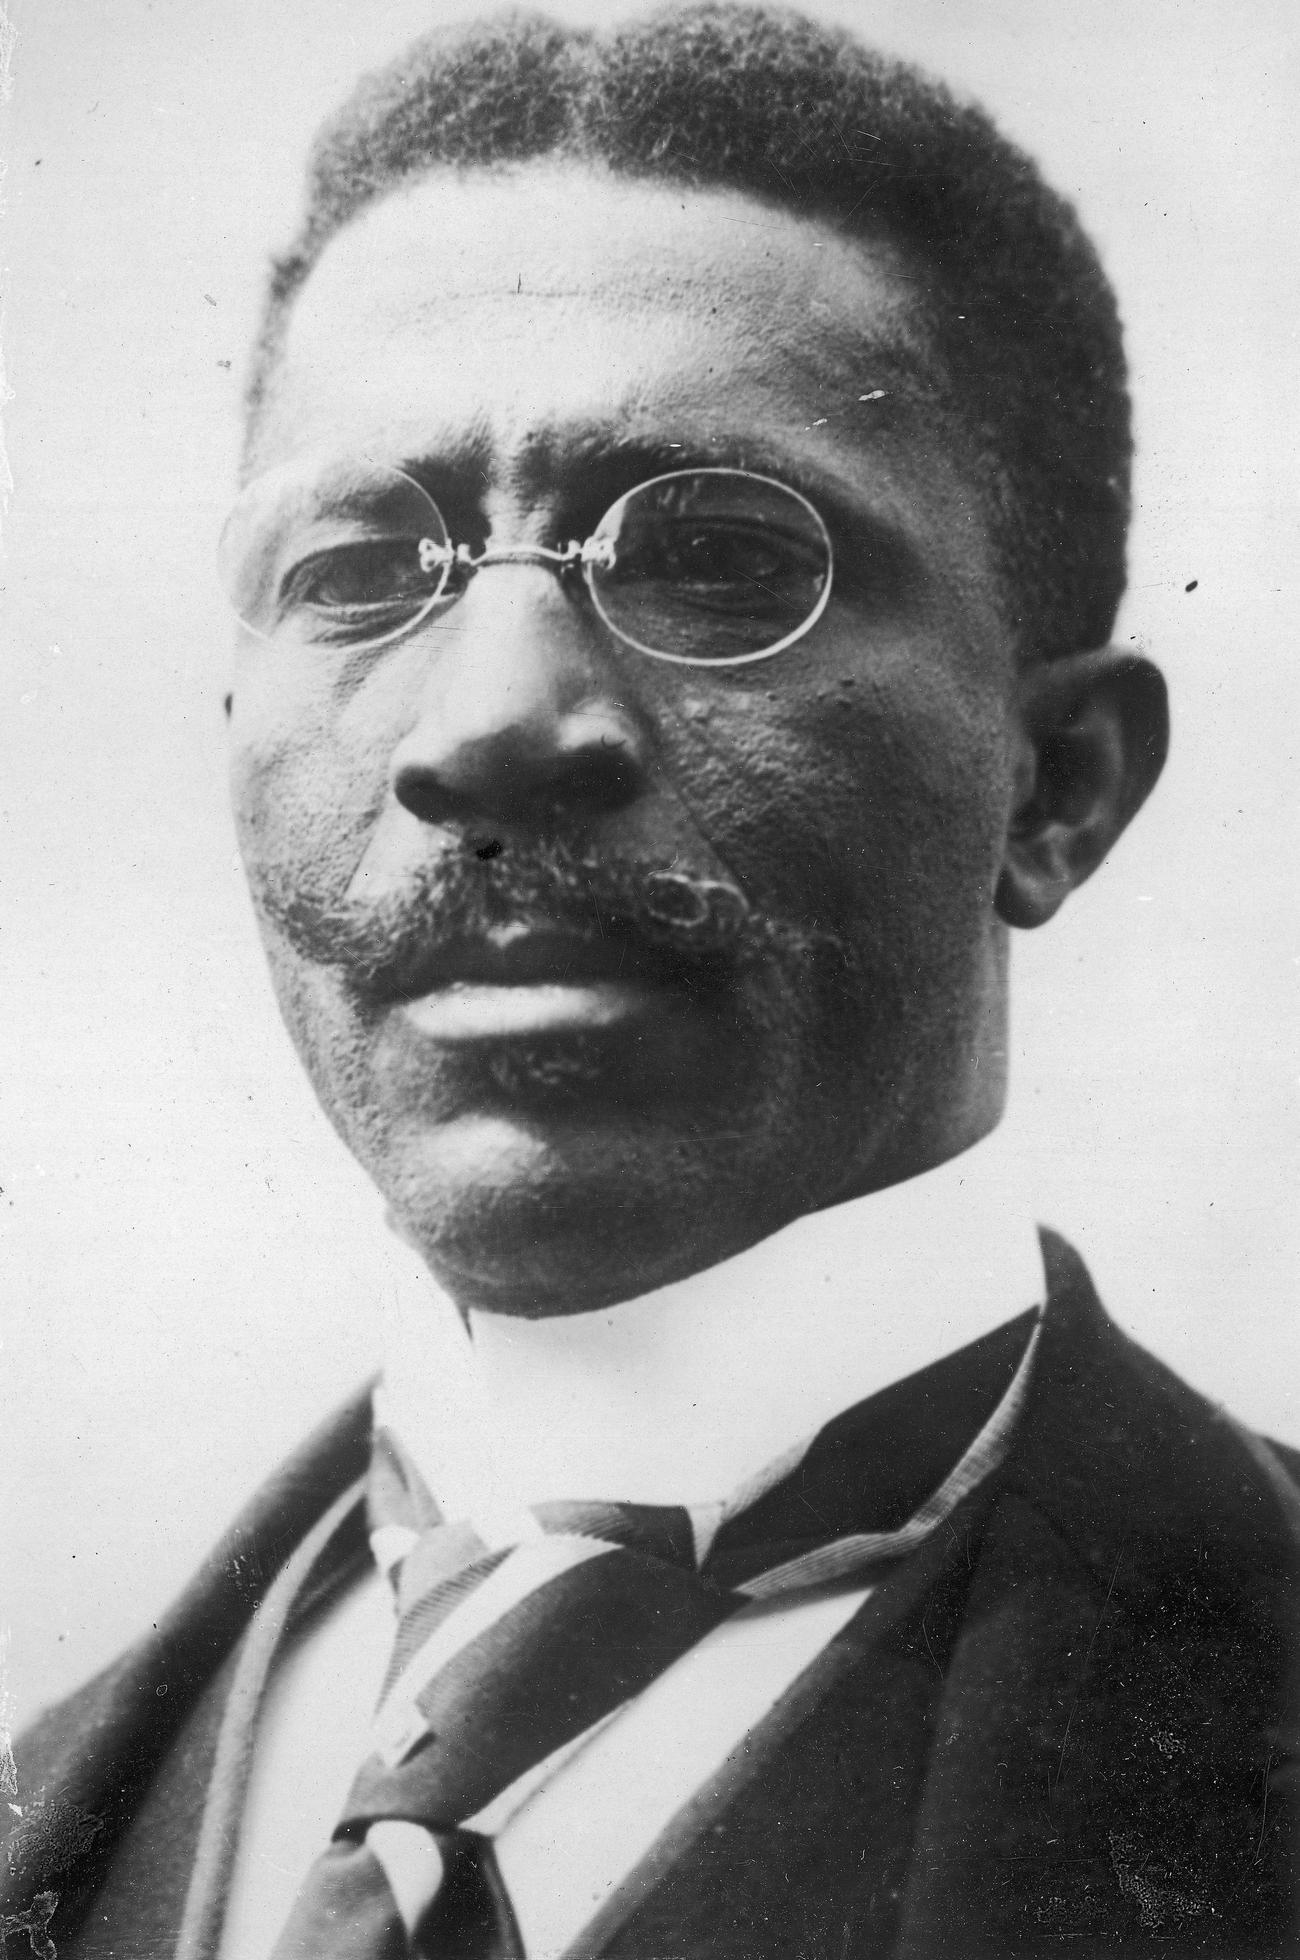 Liberyjskie elity bogaciły się na handlu niewolnikami jeszcze w latach 20. XX wieku. Na zdjęciu Charles Dunbar Burgess King, który był prezydentem republiki w latach 1920-1930.